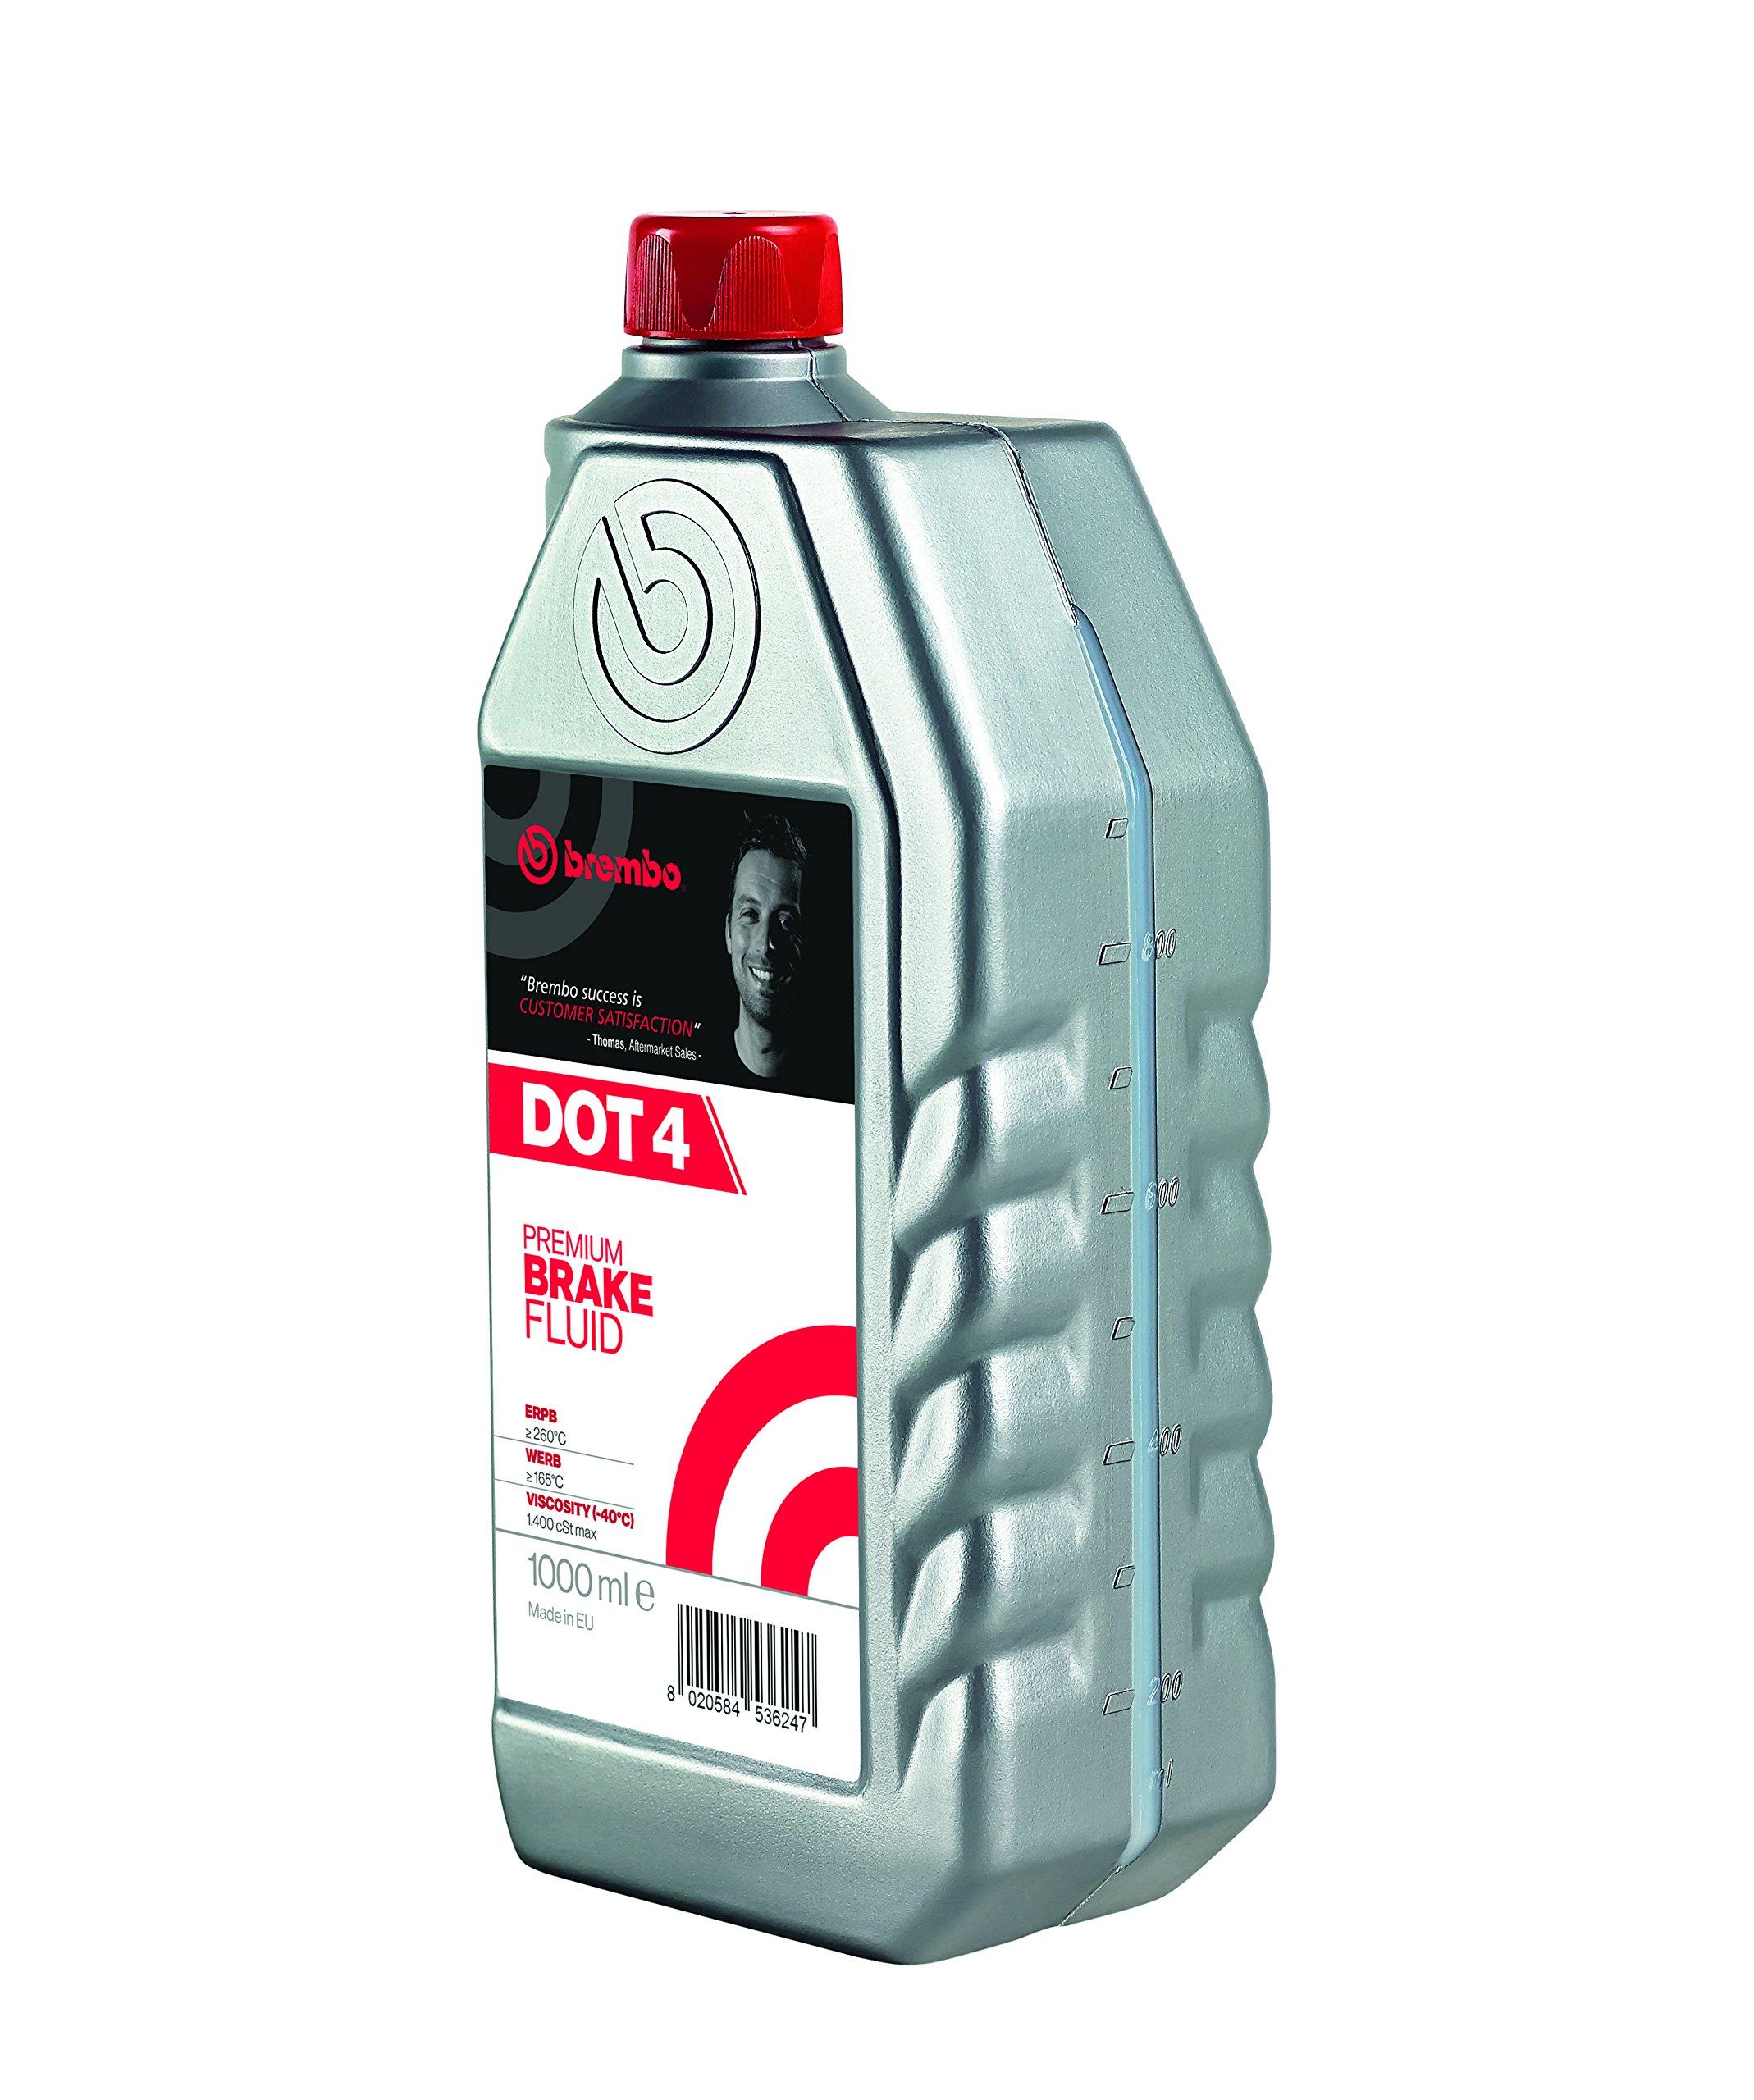 Brembo Premium DOT 4 Brake Fluid L04010